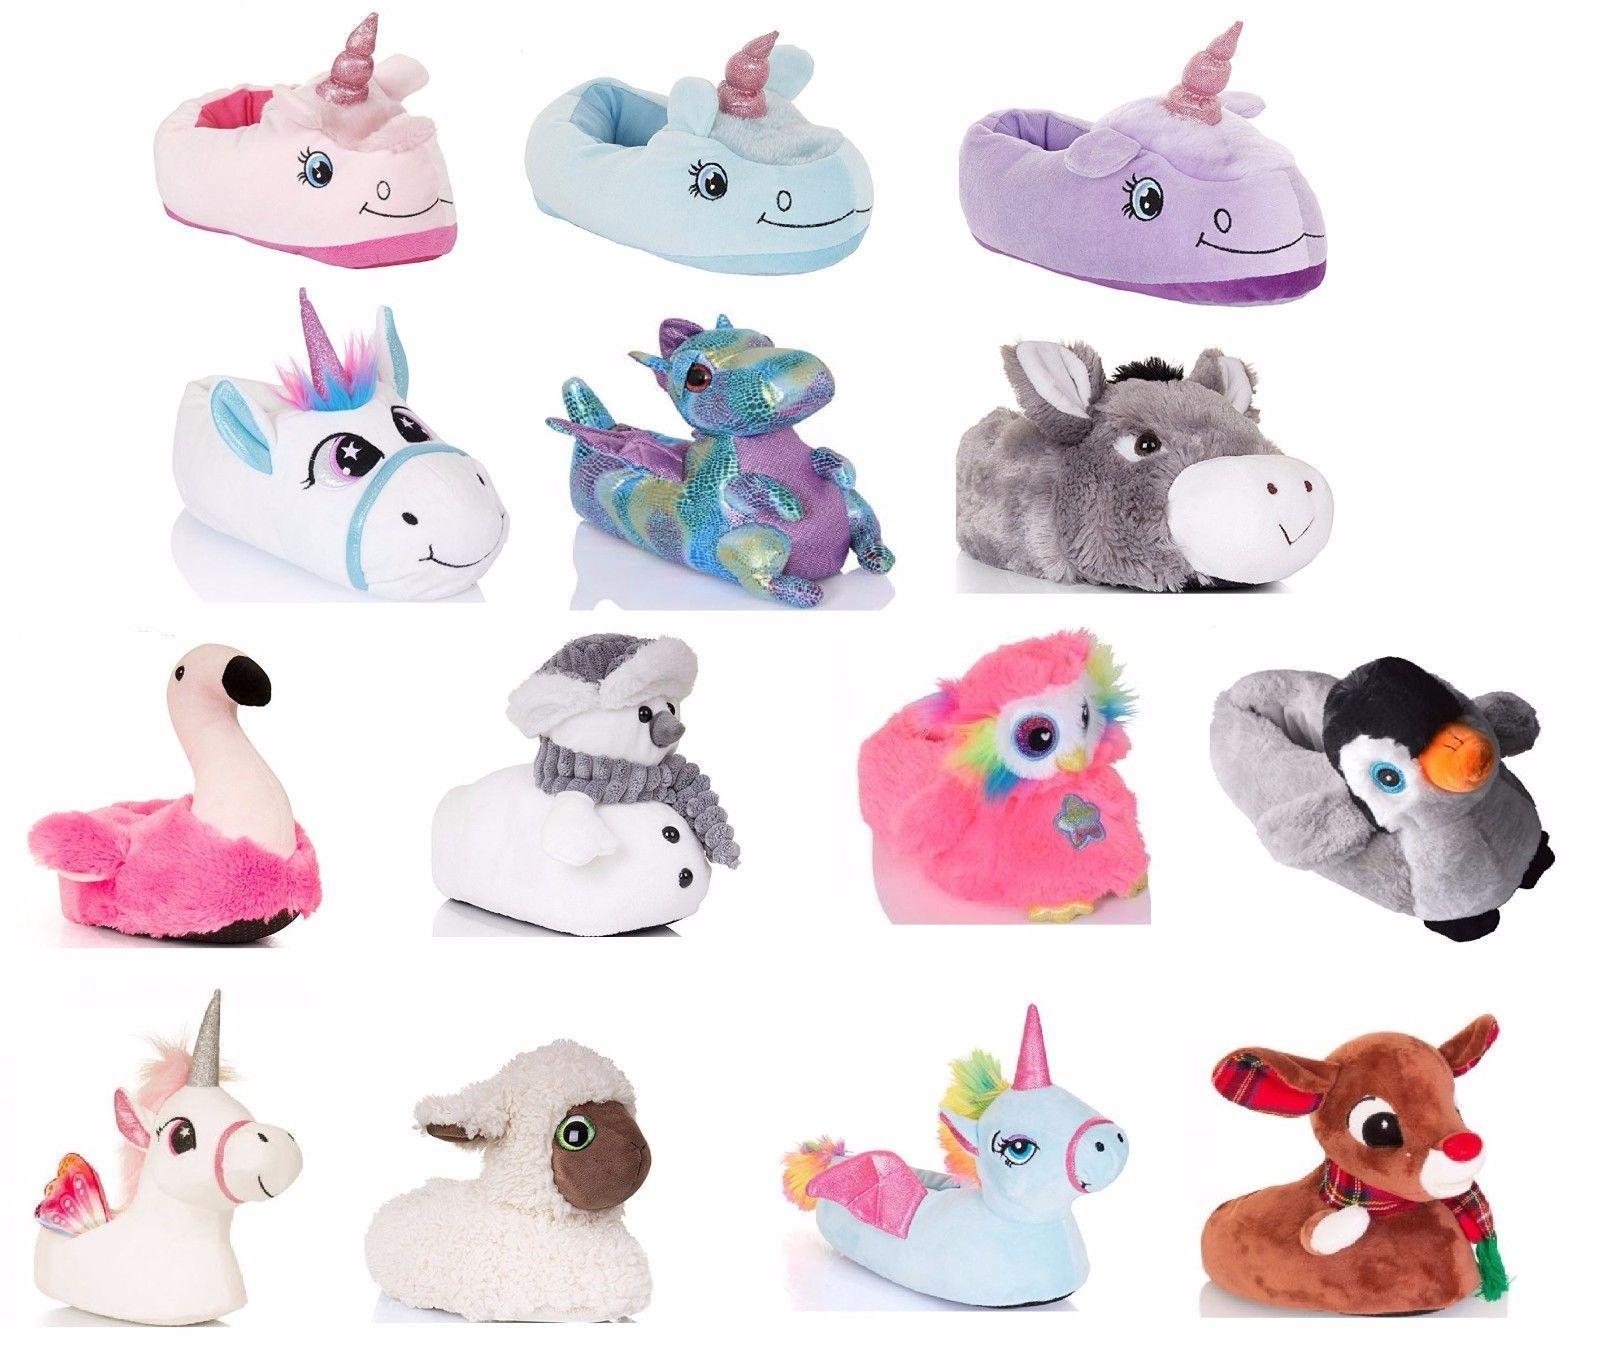 Ladies Plush Novelty Unicorn Slippers